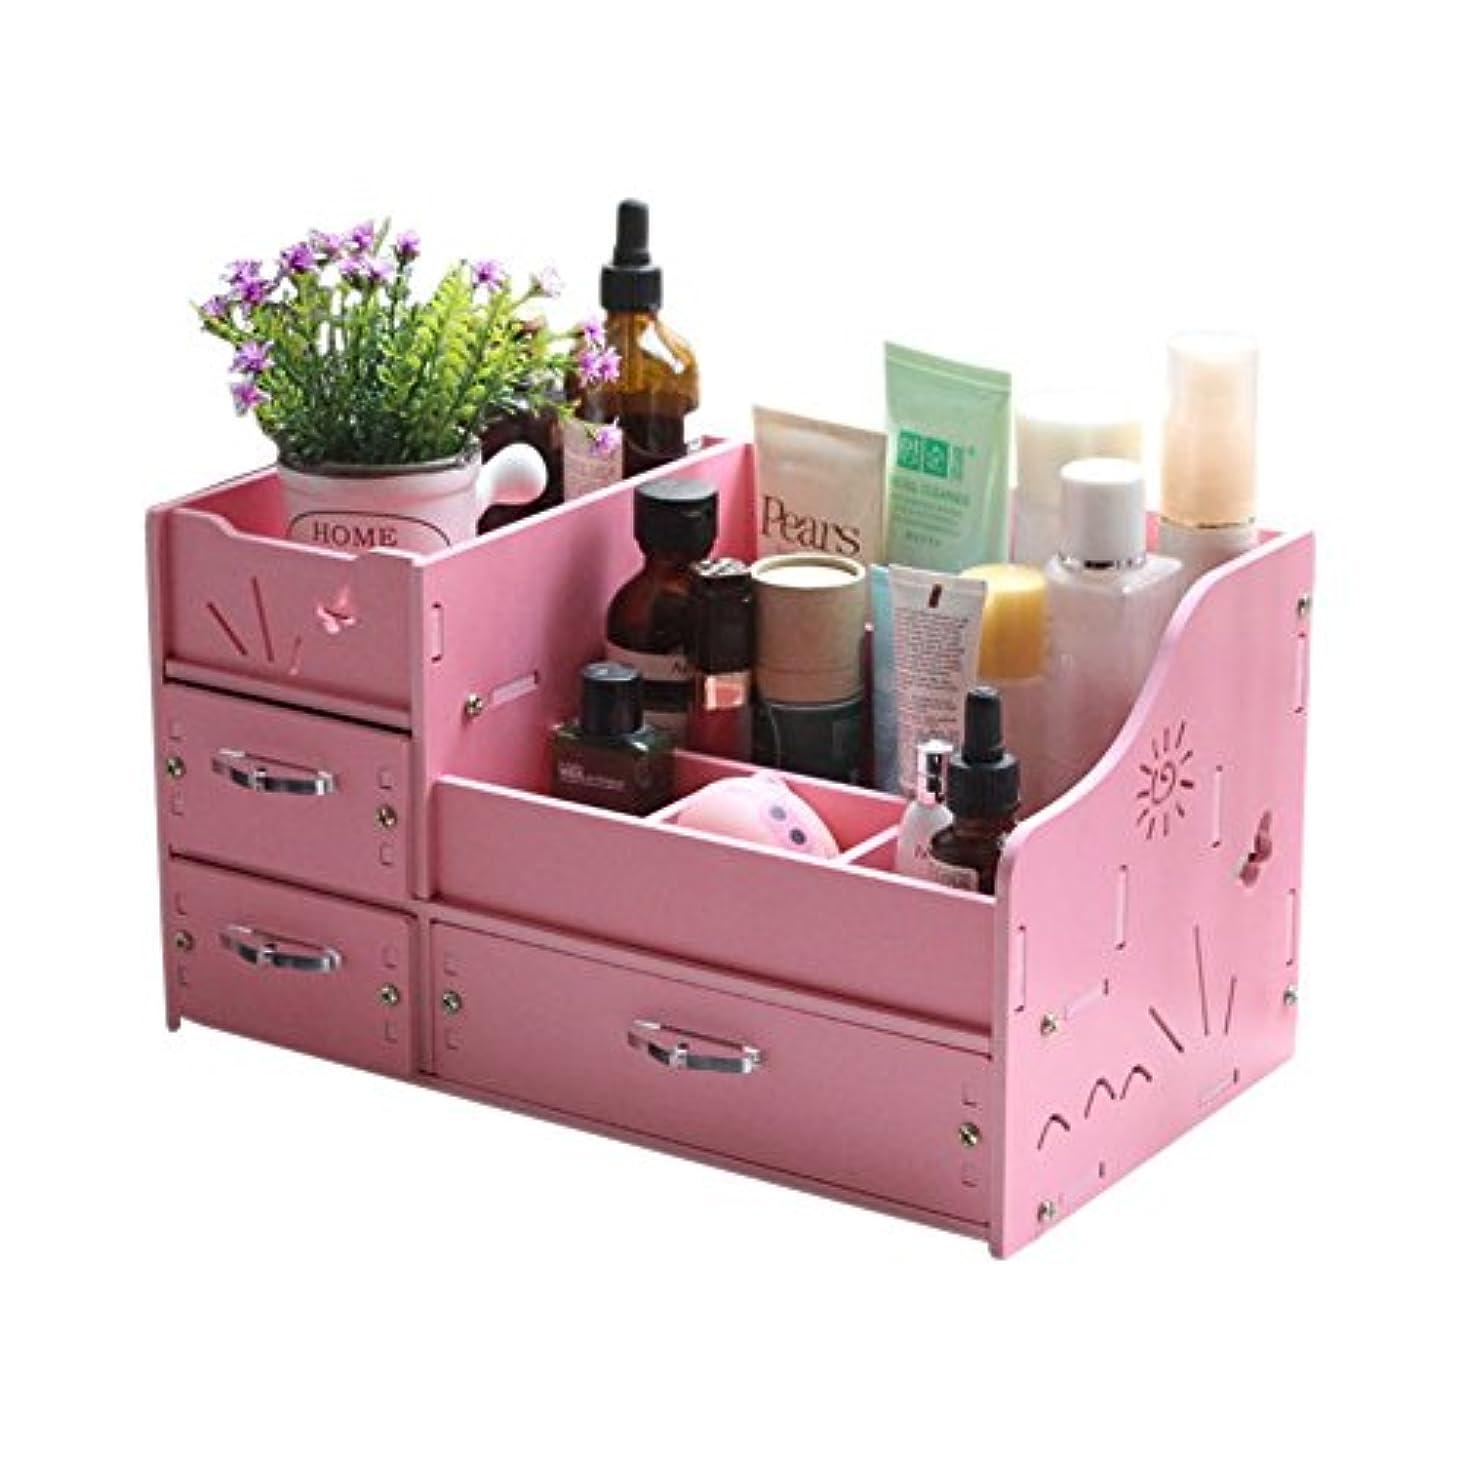 確認してください衝撃誕生日INANA 収納ボックス メイクボックス コスメボックス ジュエリー ボックス アクセサリー ケース 収納 雑貨 小物入れ 化粧道具入れ 化粧品収納 便利 (ピンク)